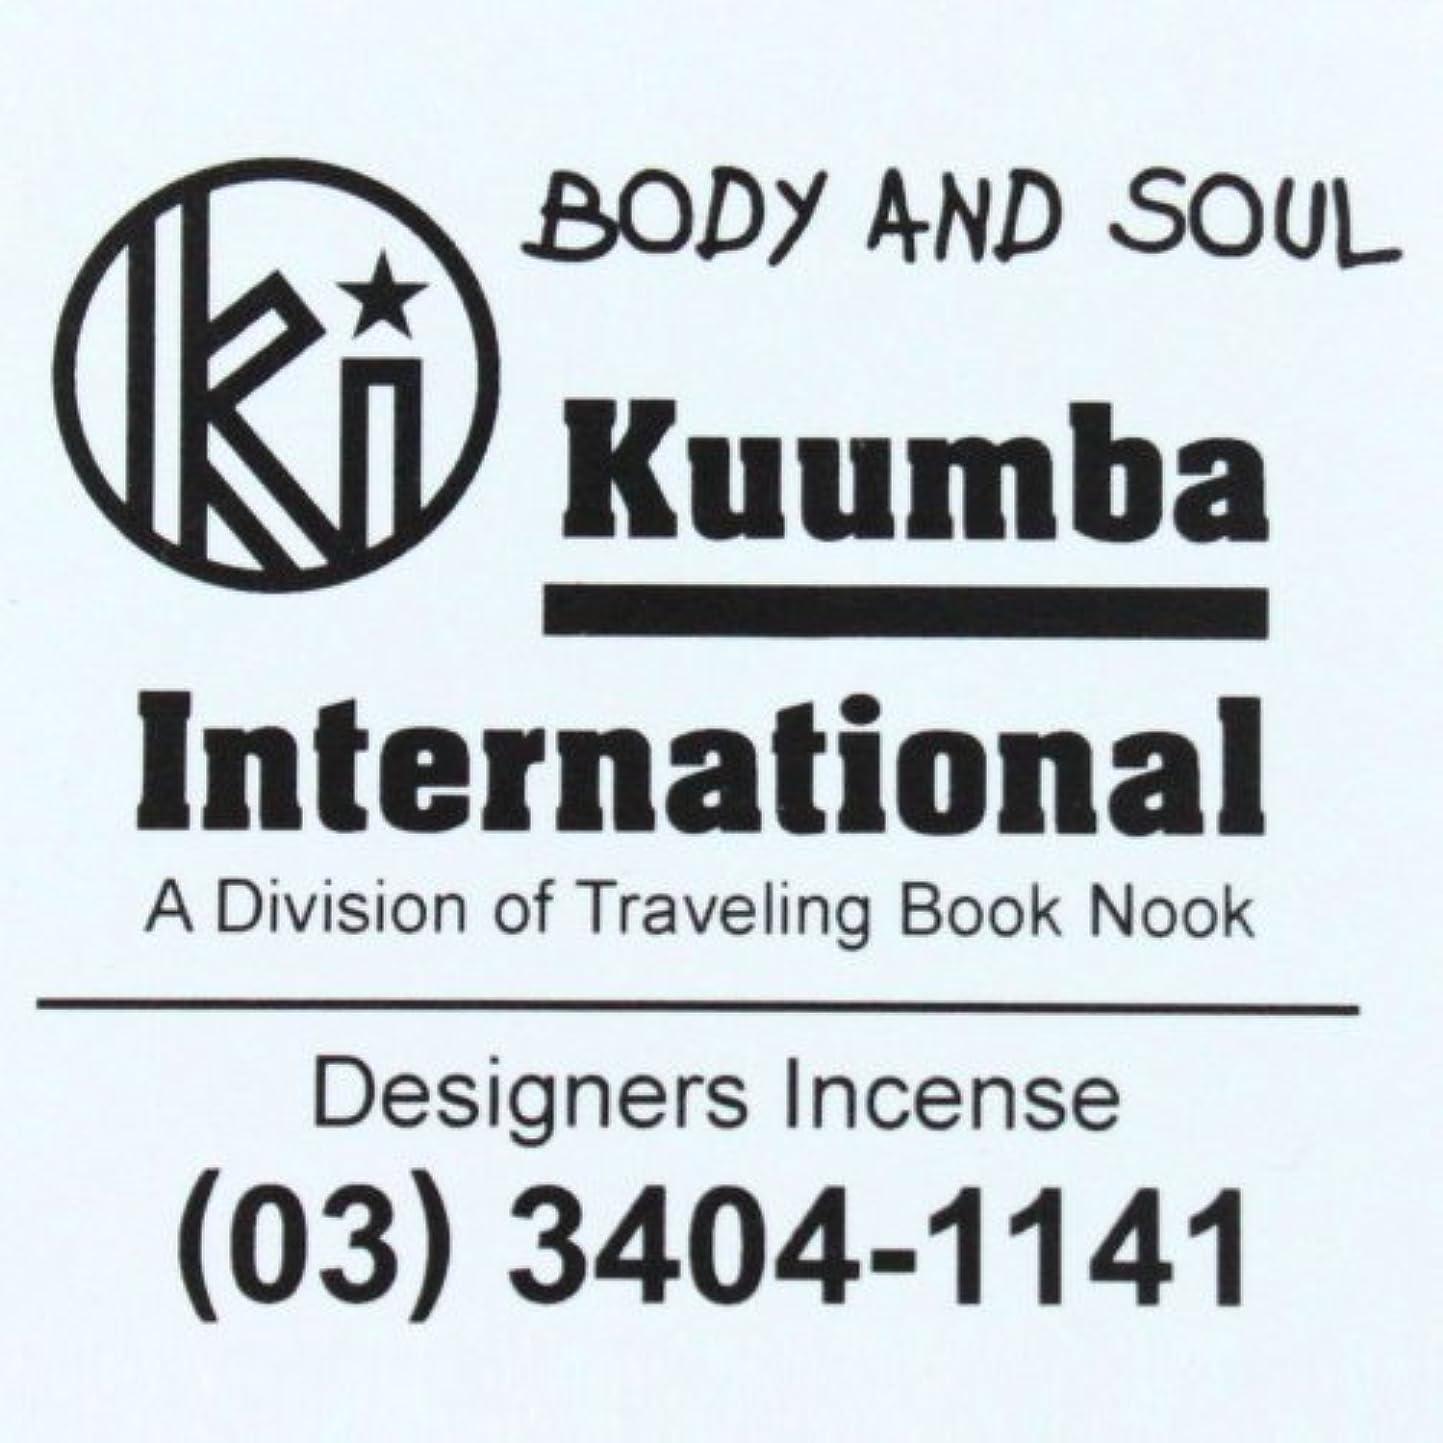 シャンプー回想裂け目KUUMBA (クンバ)『incense』(BODY AND SOUL) (Regular size)